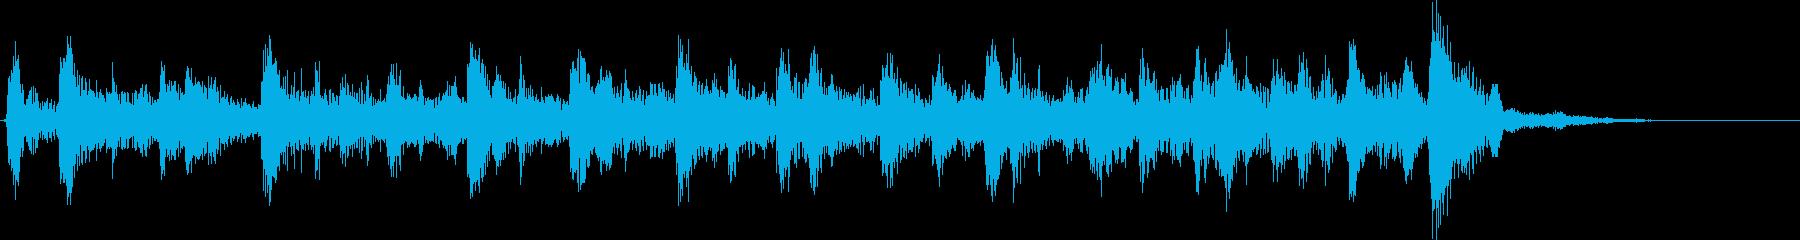 生フォークギター軽快シンプルなジングルの再生済みの波形